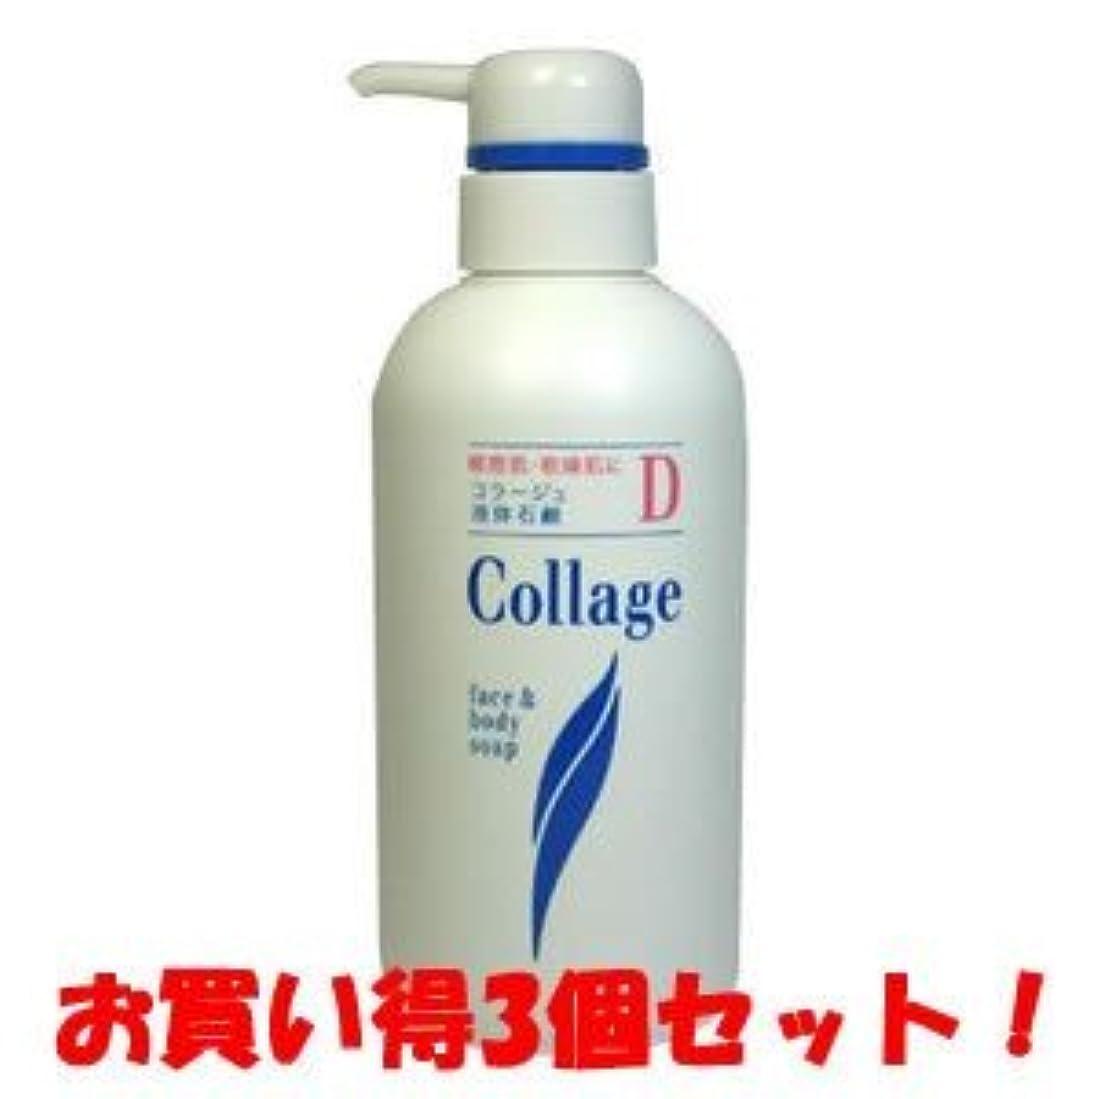 ミュウミュウ光沢中国(持田ヘルスケア)コラージュD 液体石鹸 敏感肌?乾燥肌 400ml(お買い得3個セット)